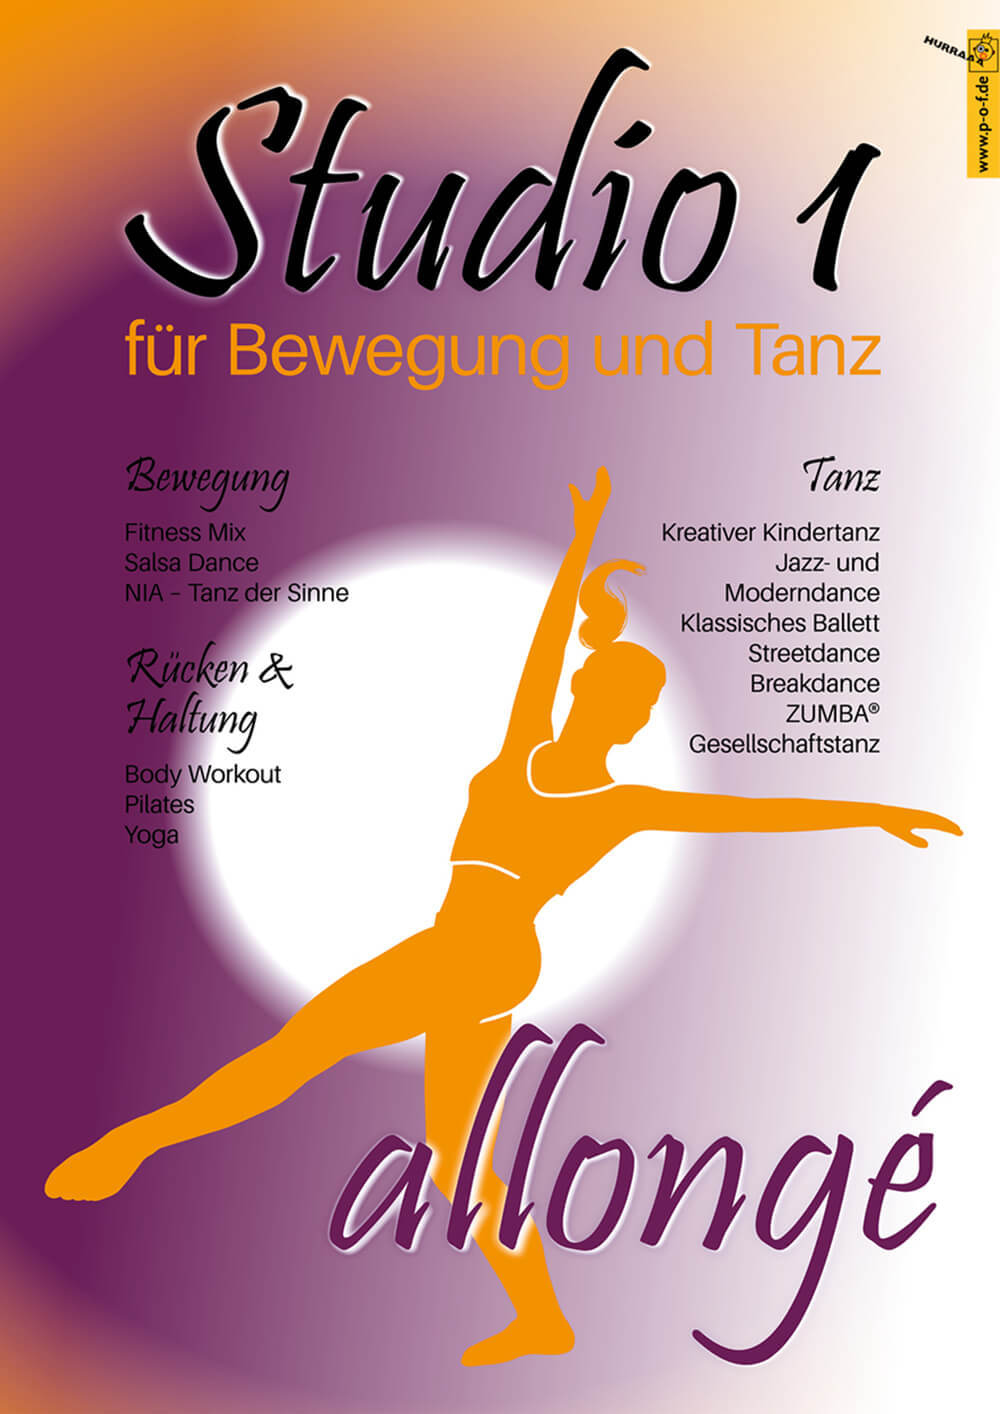 Allongé Tanzstudio Werbung für den Innenbereich